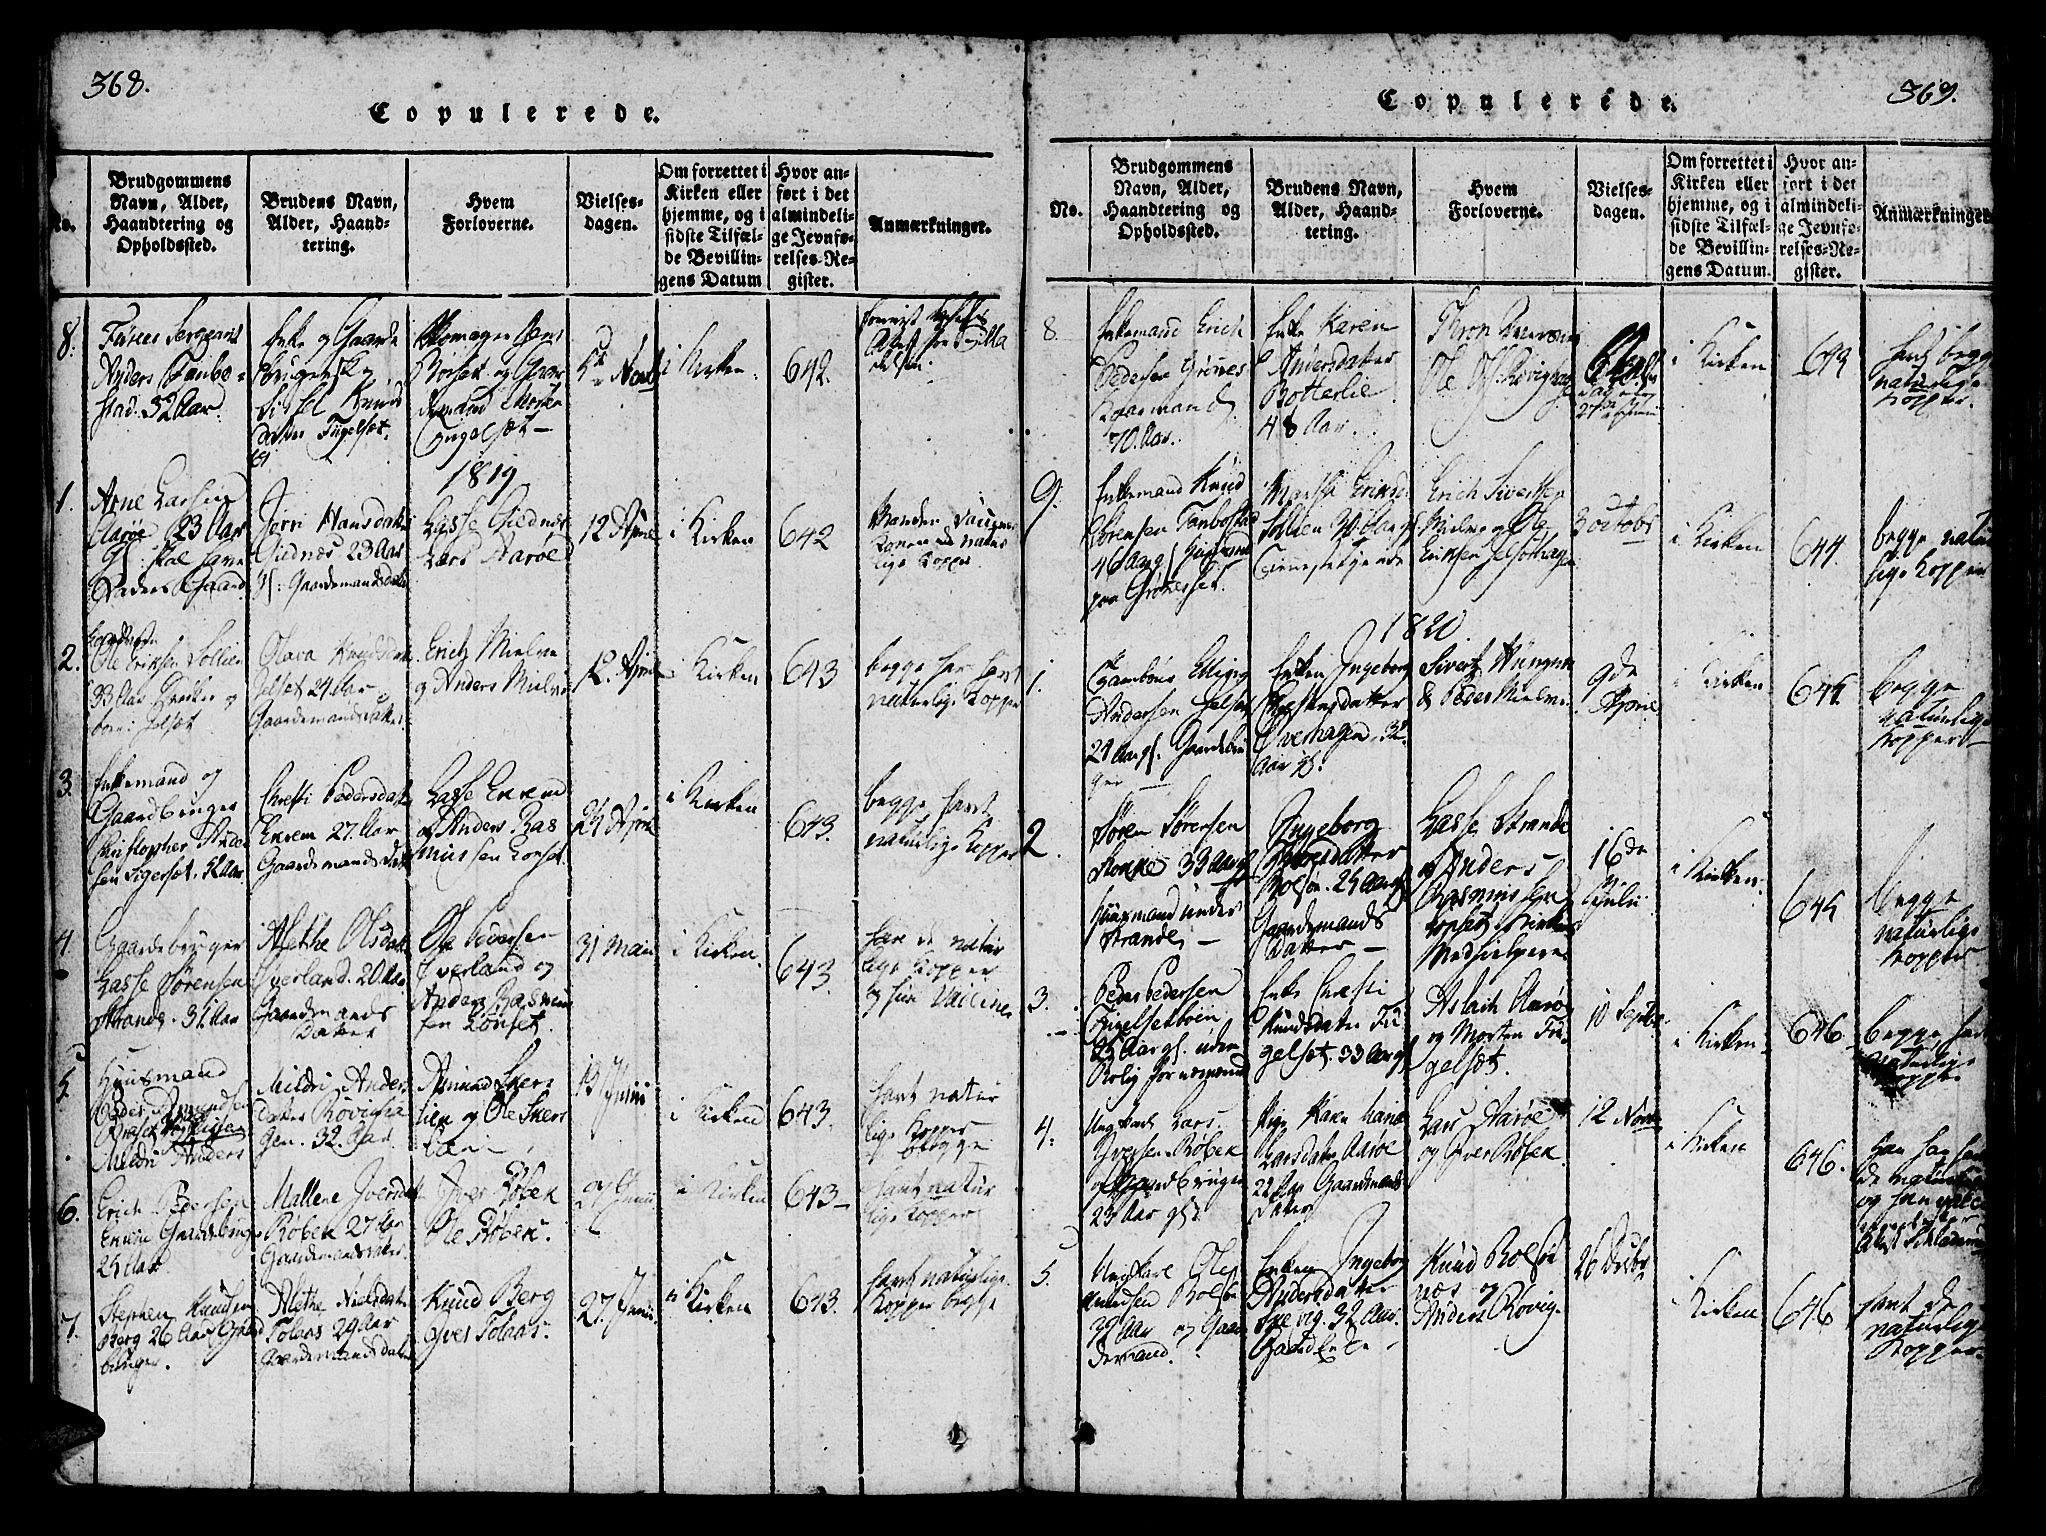 SAT, Ministerialprotokoller, klokkerbøker og fødselsregistre - Møre og Romsdal, 555/L0652: Ministerialbok nr. 555A03, 1817-1843, s. 368-369